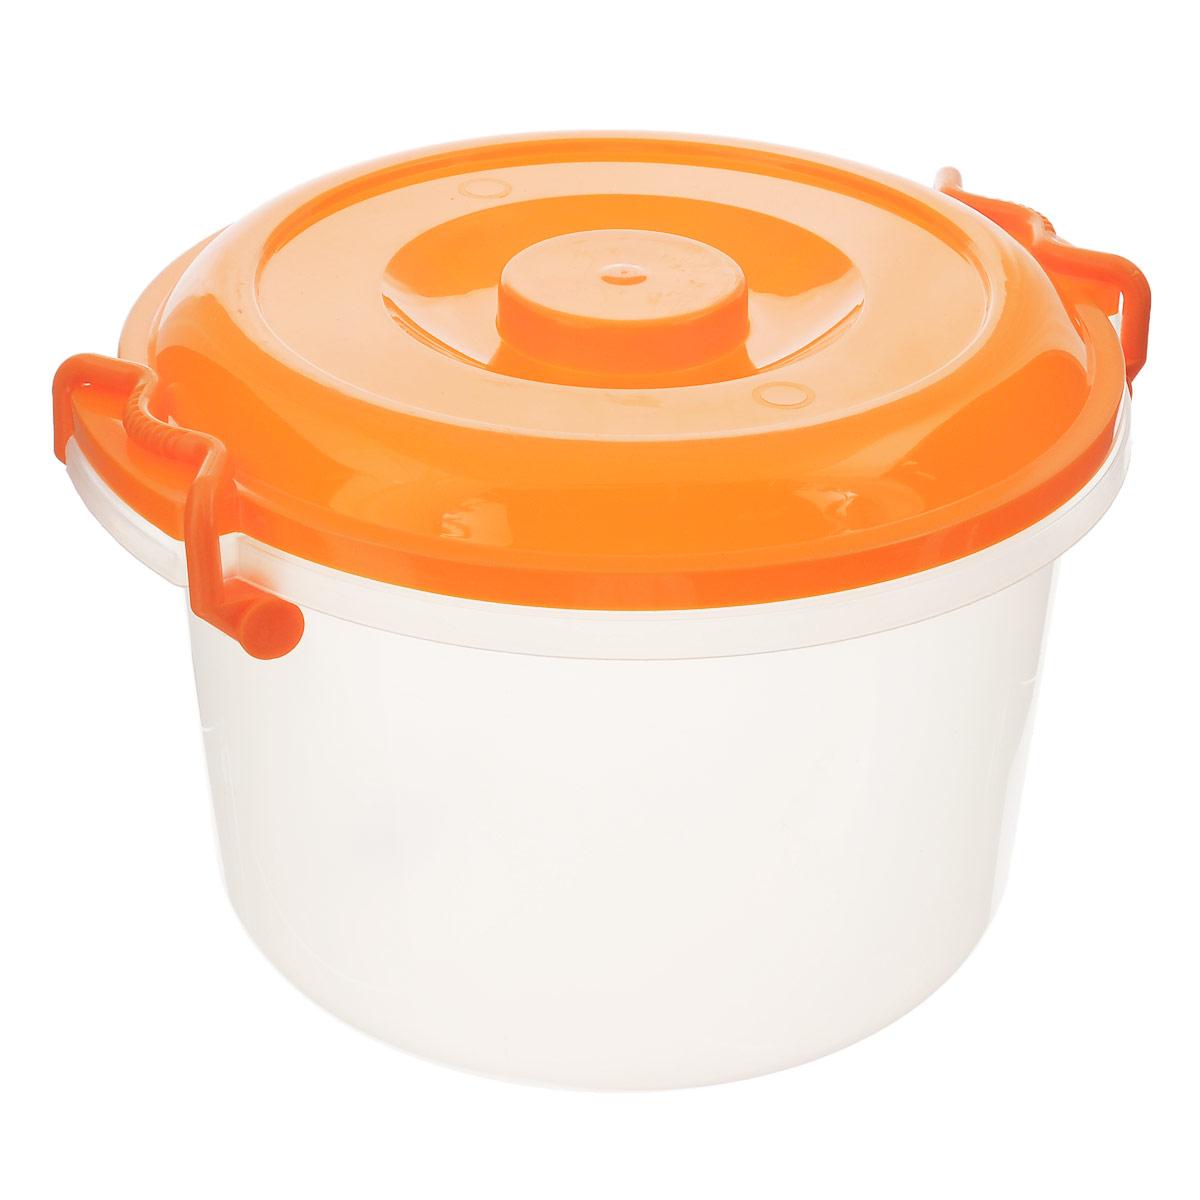 Контейнер Альтернатива, цвет: оранжевый, 7 л10503Контейнер Альтернатива выполнен из прочного пластика, предназначен для хранения различных мелких вещей.Прозрачные стенки позволяют видеть содержимое. Контейнер плотно закрывается крышкой с двумя защелками. В таком контейнере ваши вещи будут защищены от пыли, грязи и влаги.Объем: 7 л.Внутренний диаметр контейнера: 25 см.Ширина контейнера с учетом ручек: 30 см.Высота контейнера: 19,5 см.